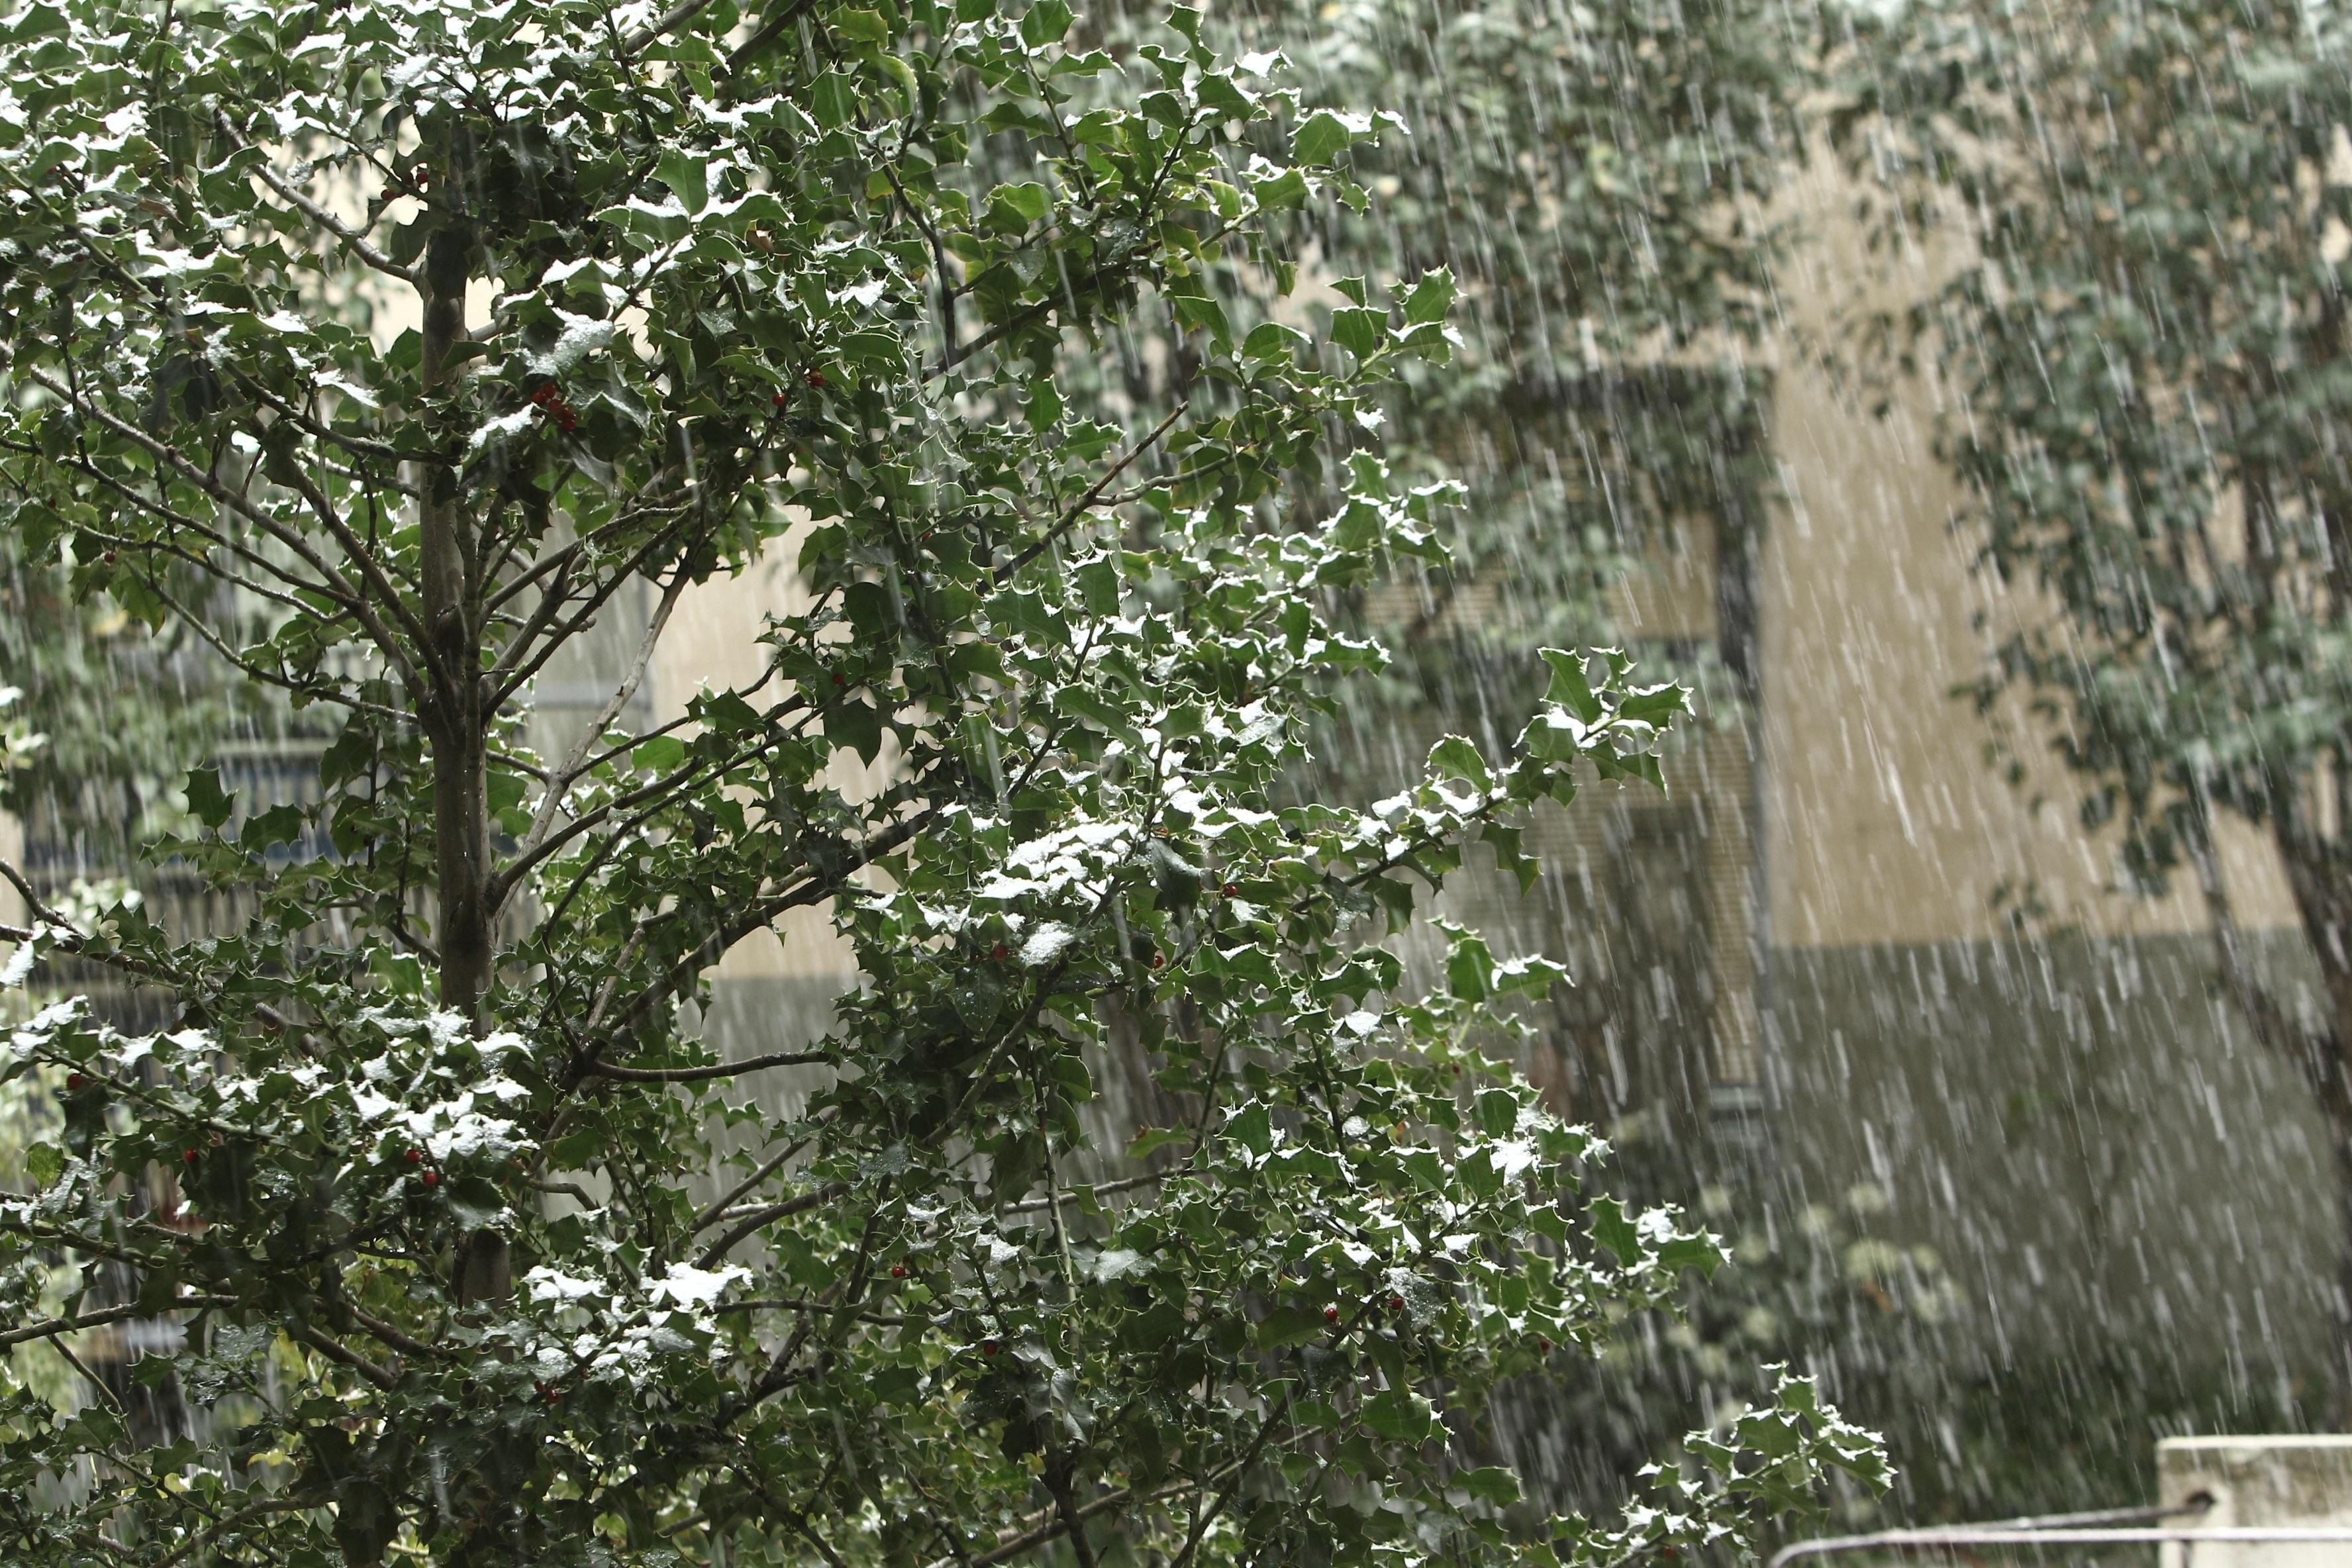 El 112 alerta de nevadas en la sierra de hasta 10 centímetros y rachas de viento de 90 kilómetros por hora